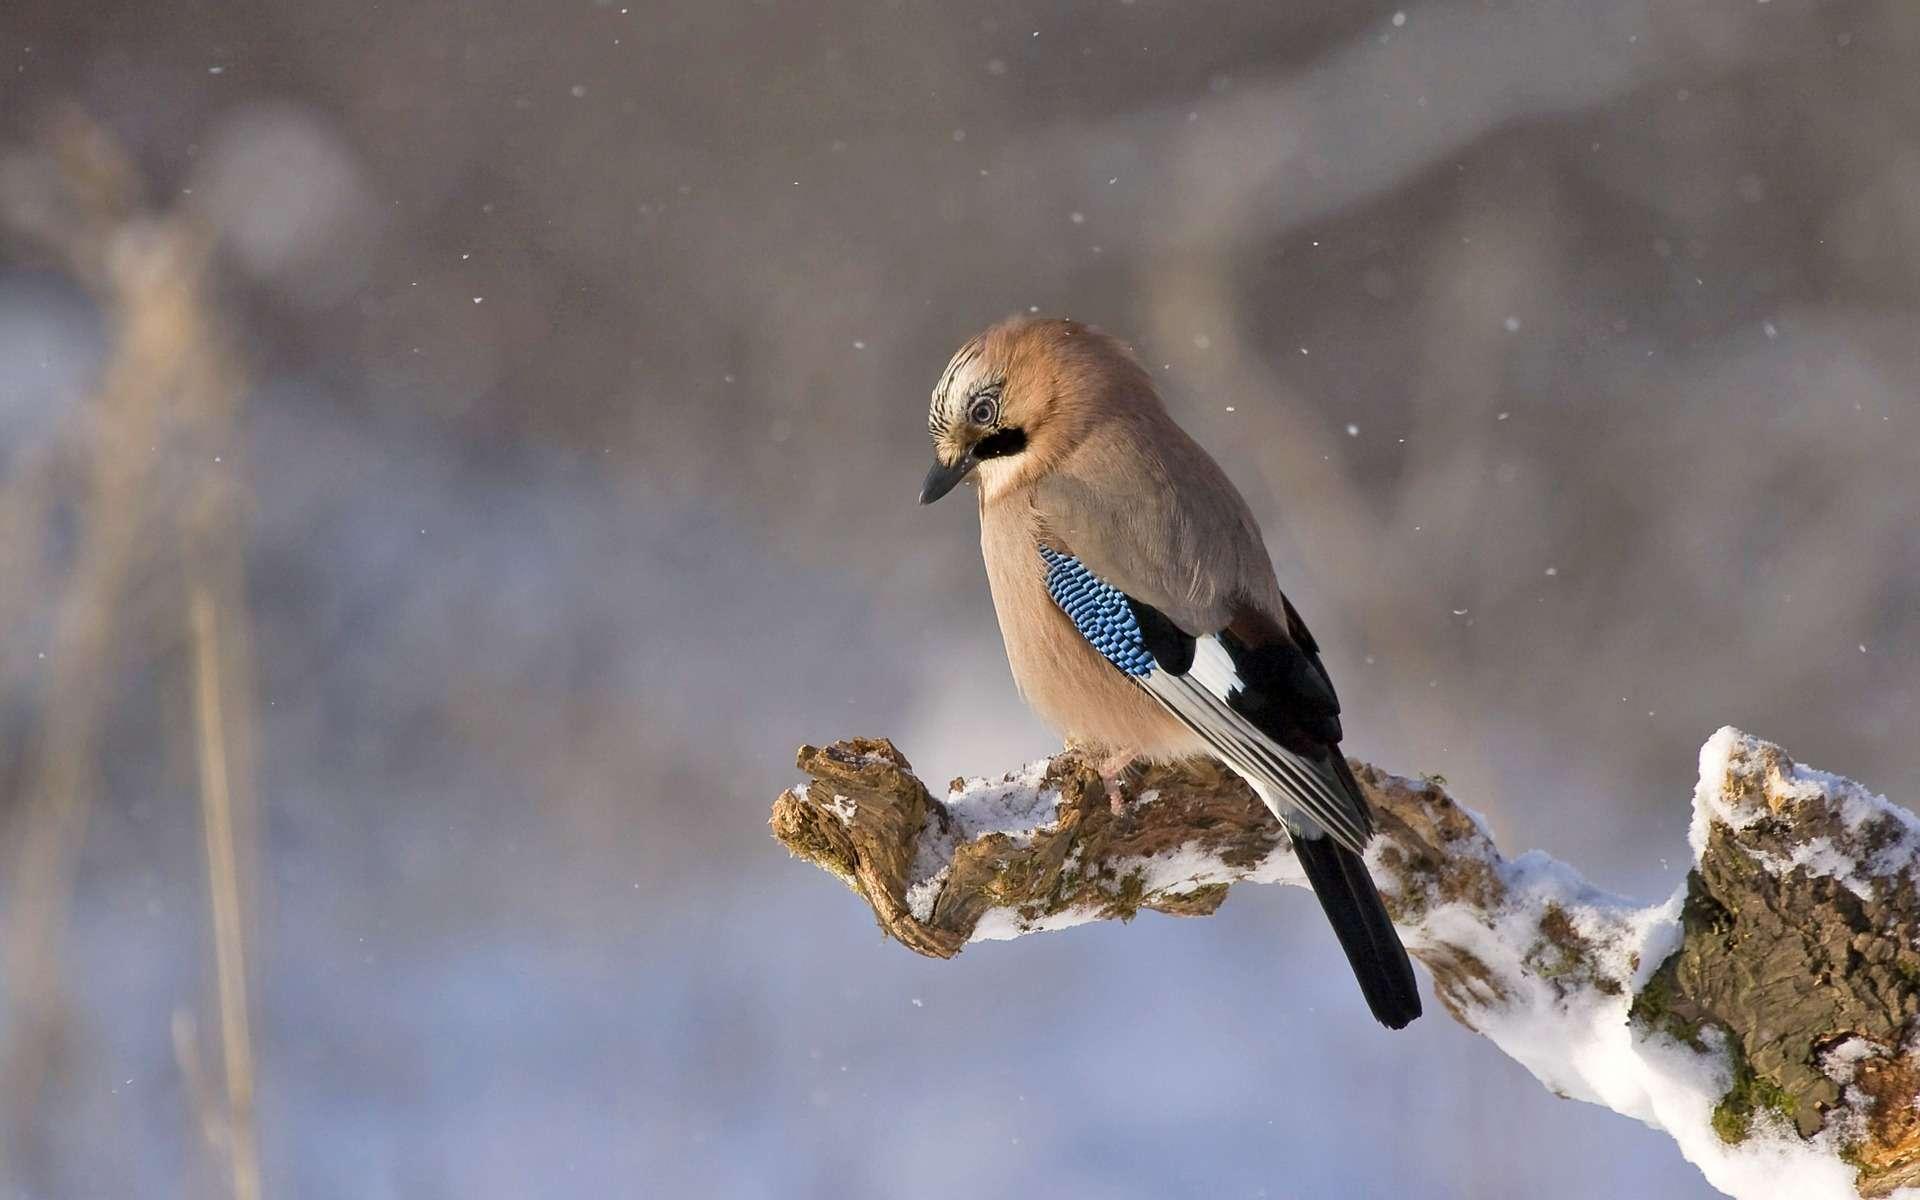 Avec l'application Twigle, il est possible d'identifier un oiseau à partir de son chant ou d'une photo, à condition qu'elle soit de bonne qualité. Ici, un geai. © TomaszProszek, Pixabay, DP